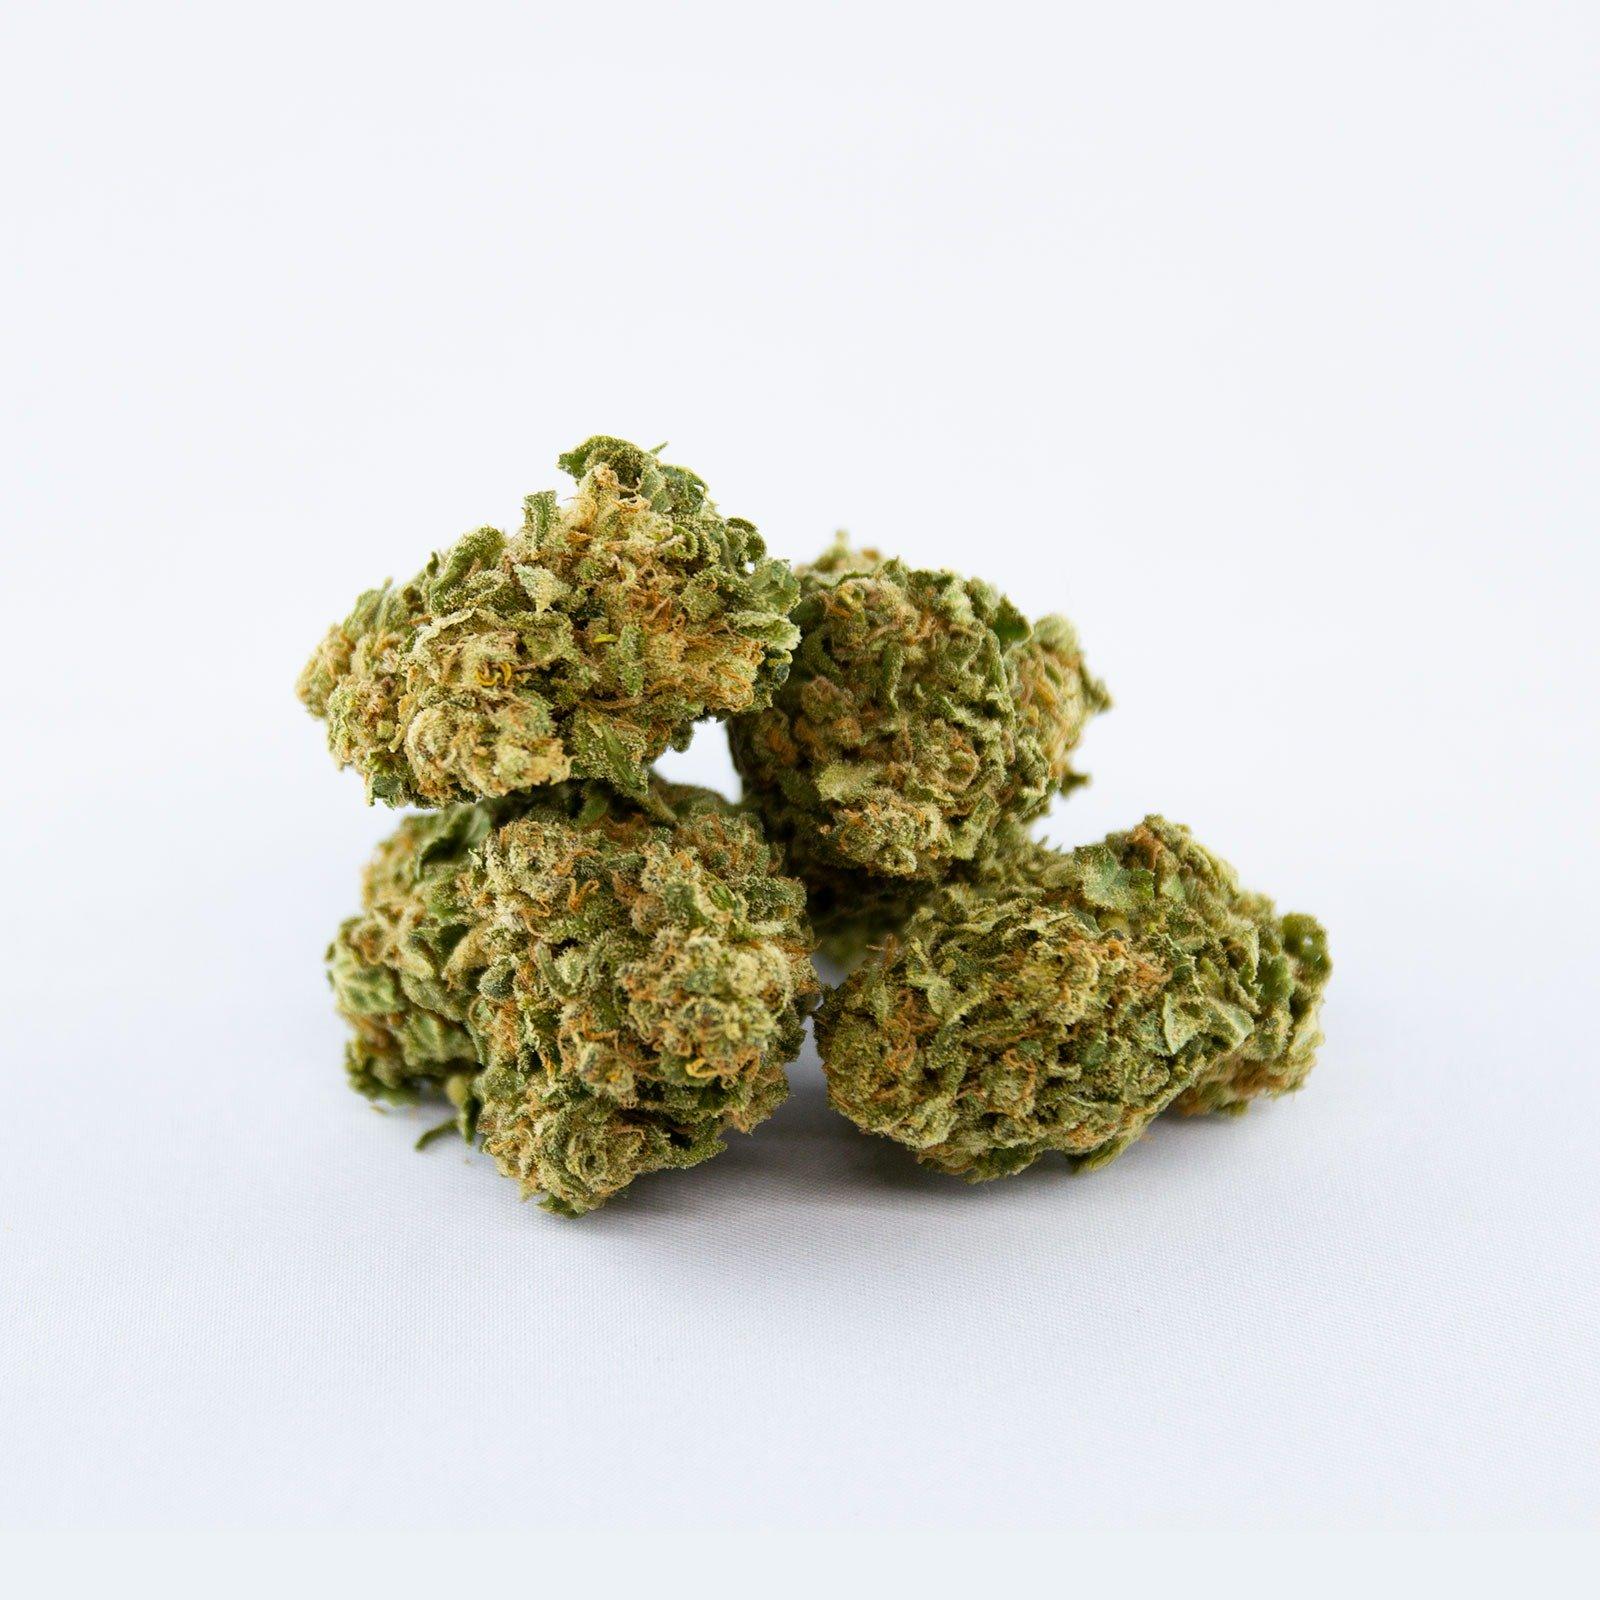 Image de variété SOUS SERRE ARLEQUIN Fleurs de Cannabis CBD 100% légal